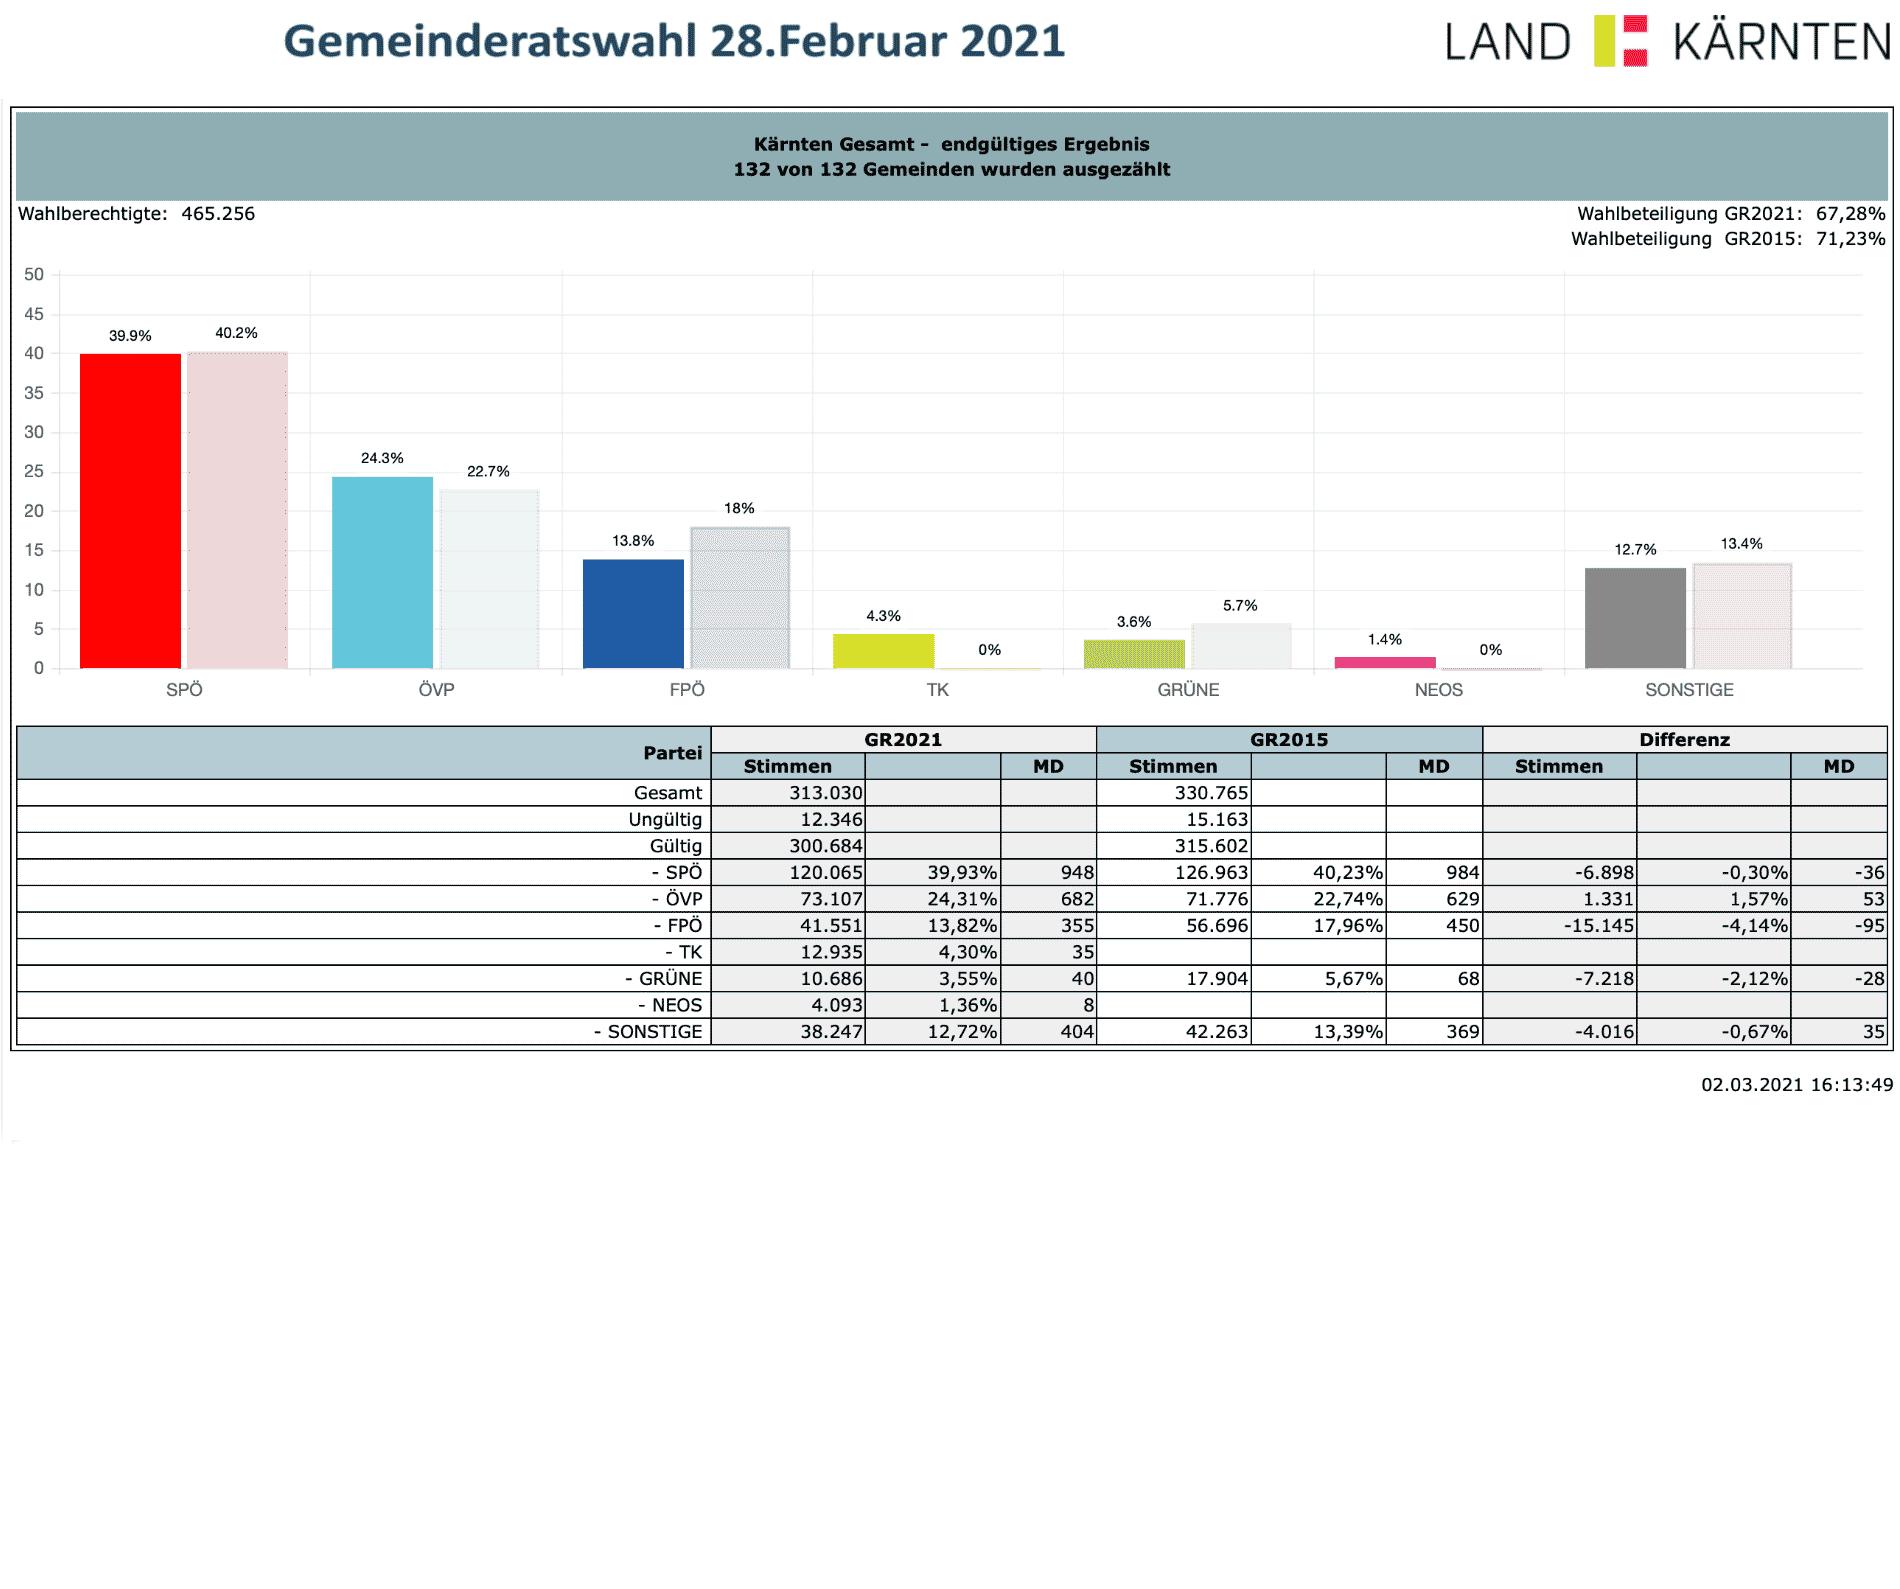 Gemeinderatswahl 2021 Kärnten